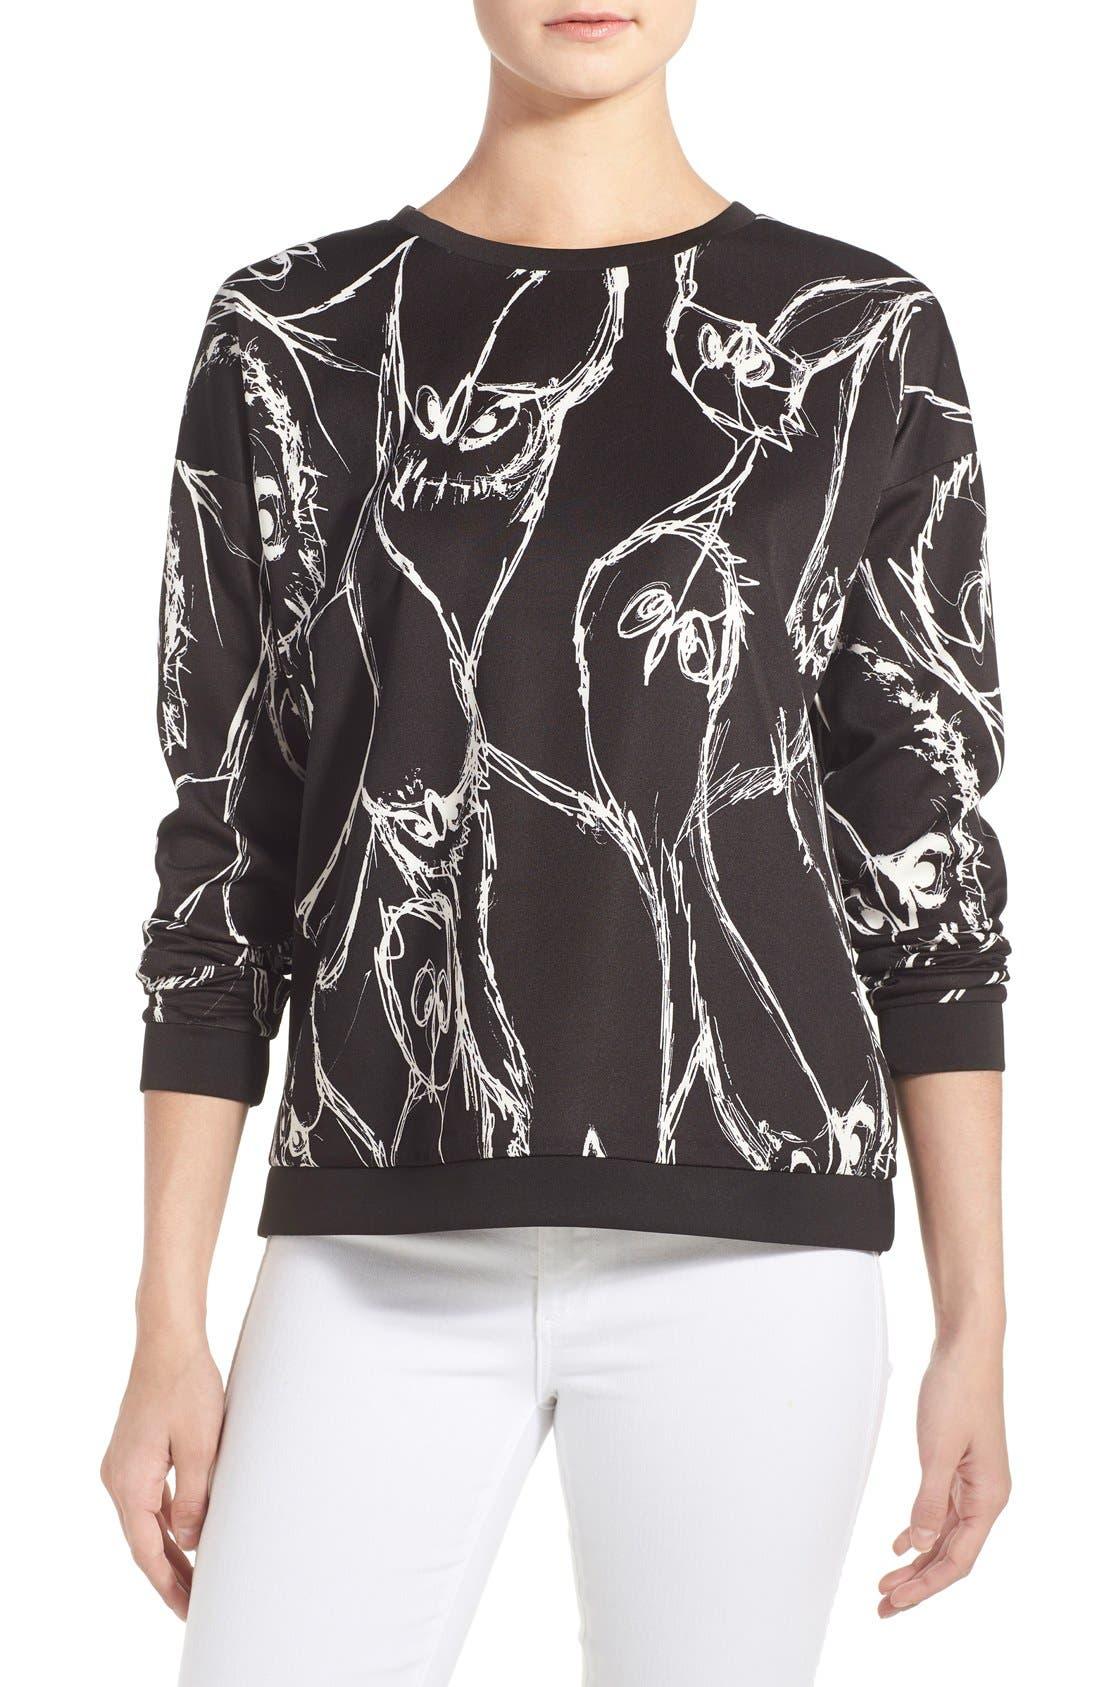 Main Image - kensie Sketched Bird Print Sweatshirt